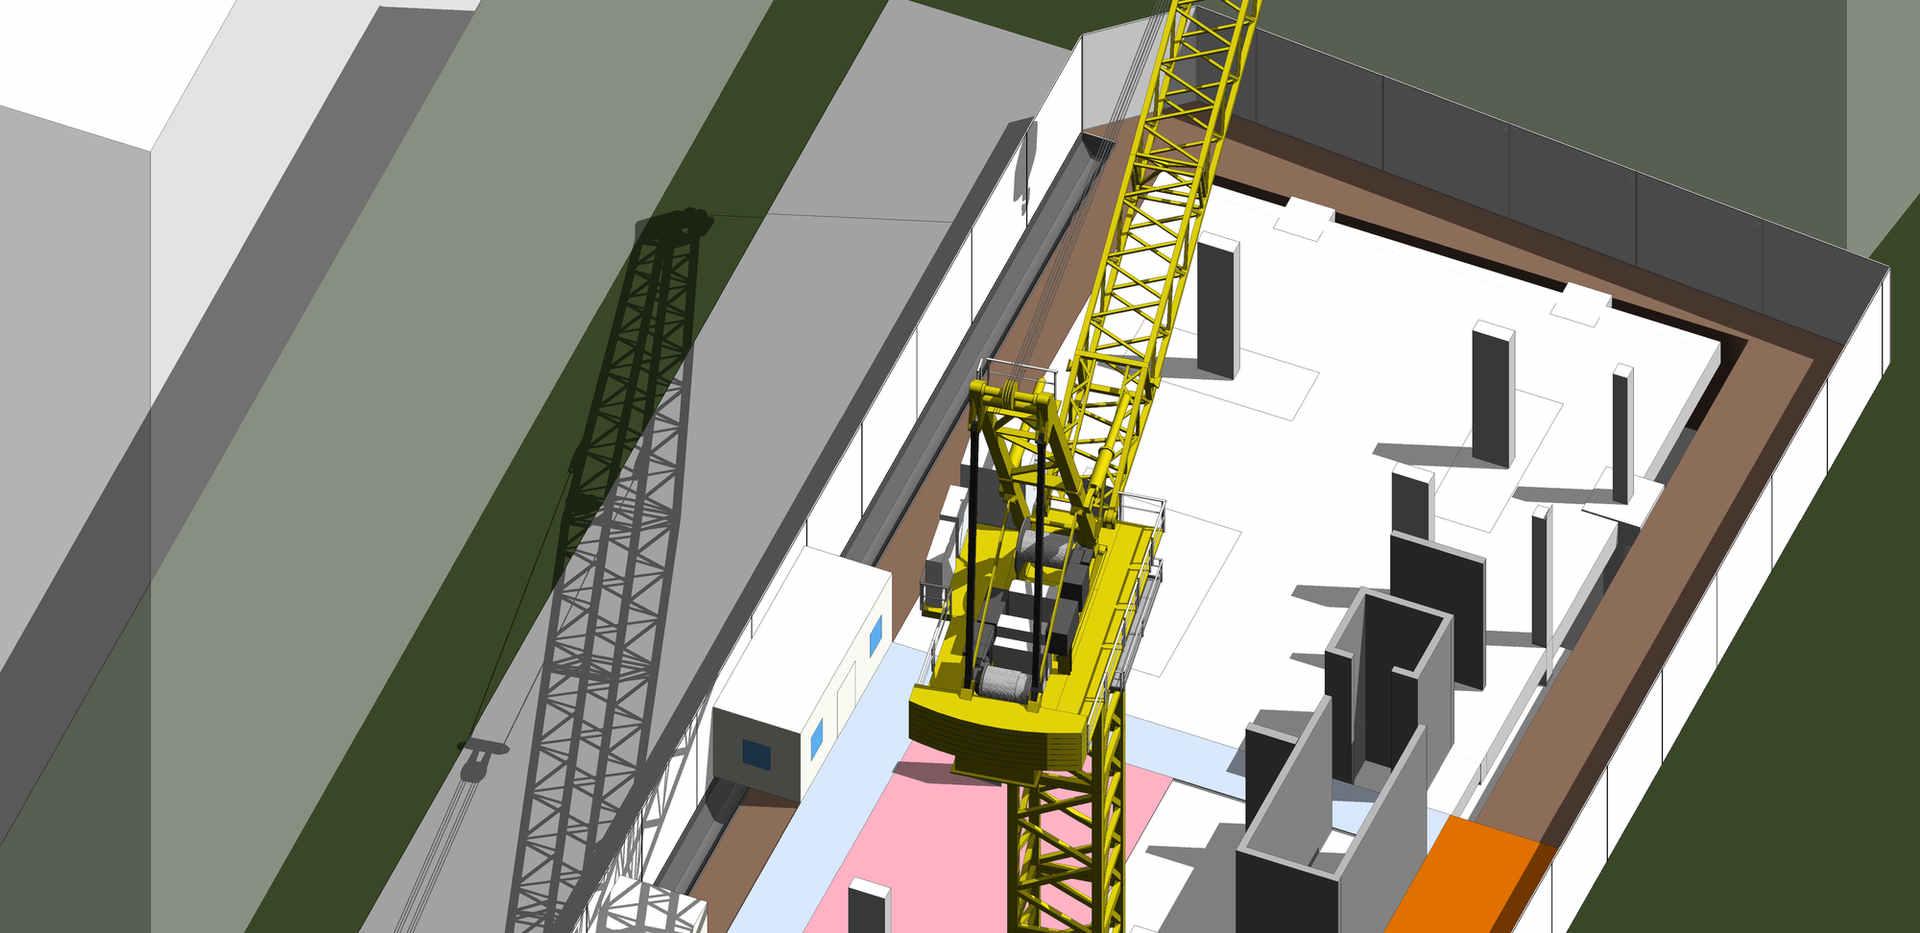 Site Utilisation - 3D View